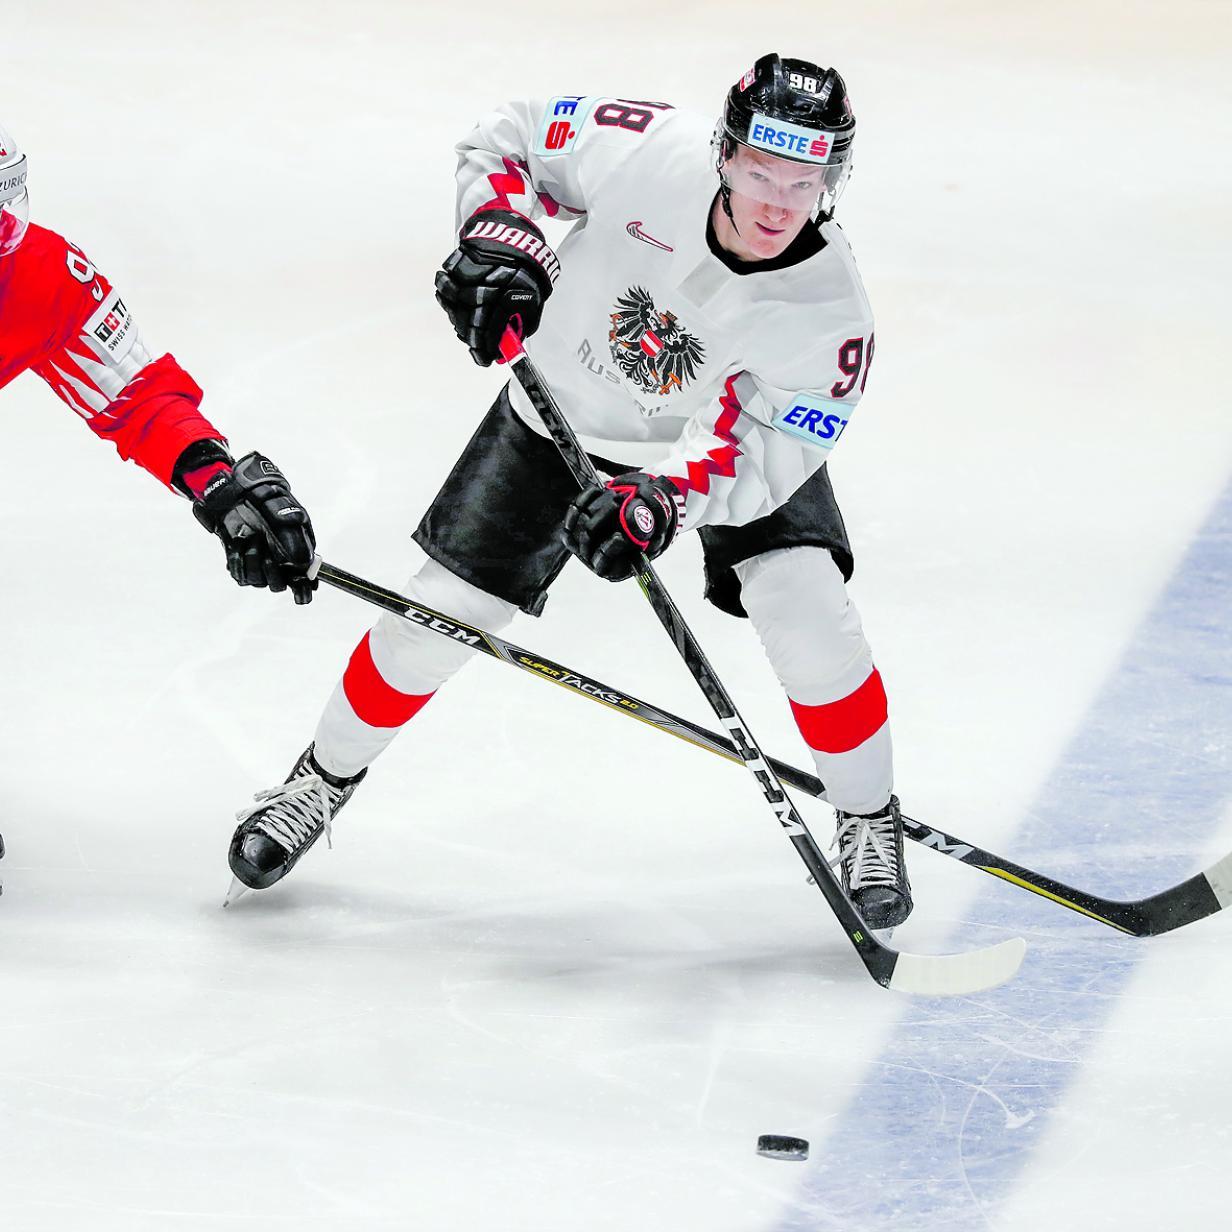 Österreichs Eishockey-Nachwuchs schafft die große Sensation